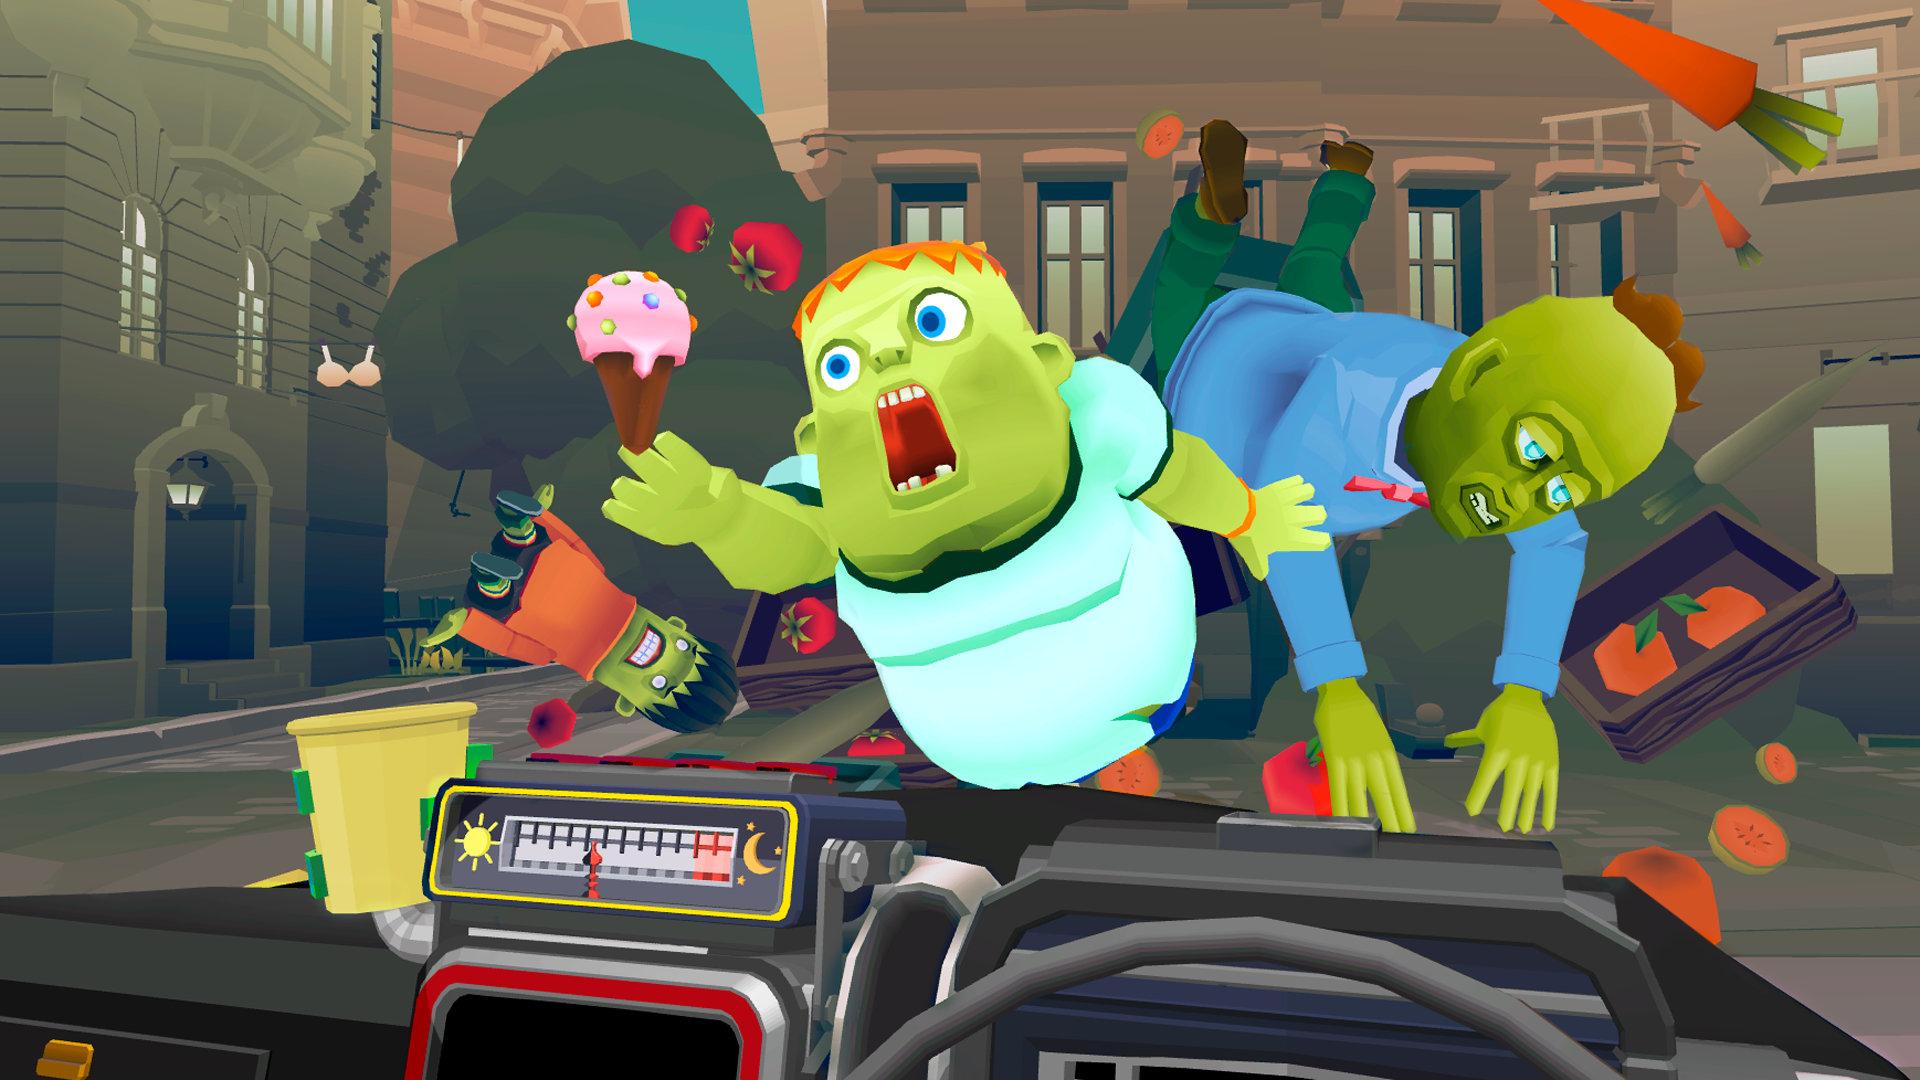 物理シミュレーションとドライブアクション『The Modern Zombie Taxi Co. 』、アナウンストレーラーを公開